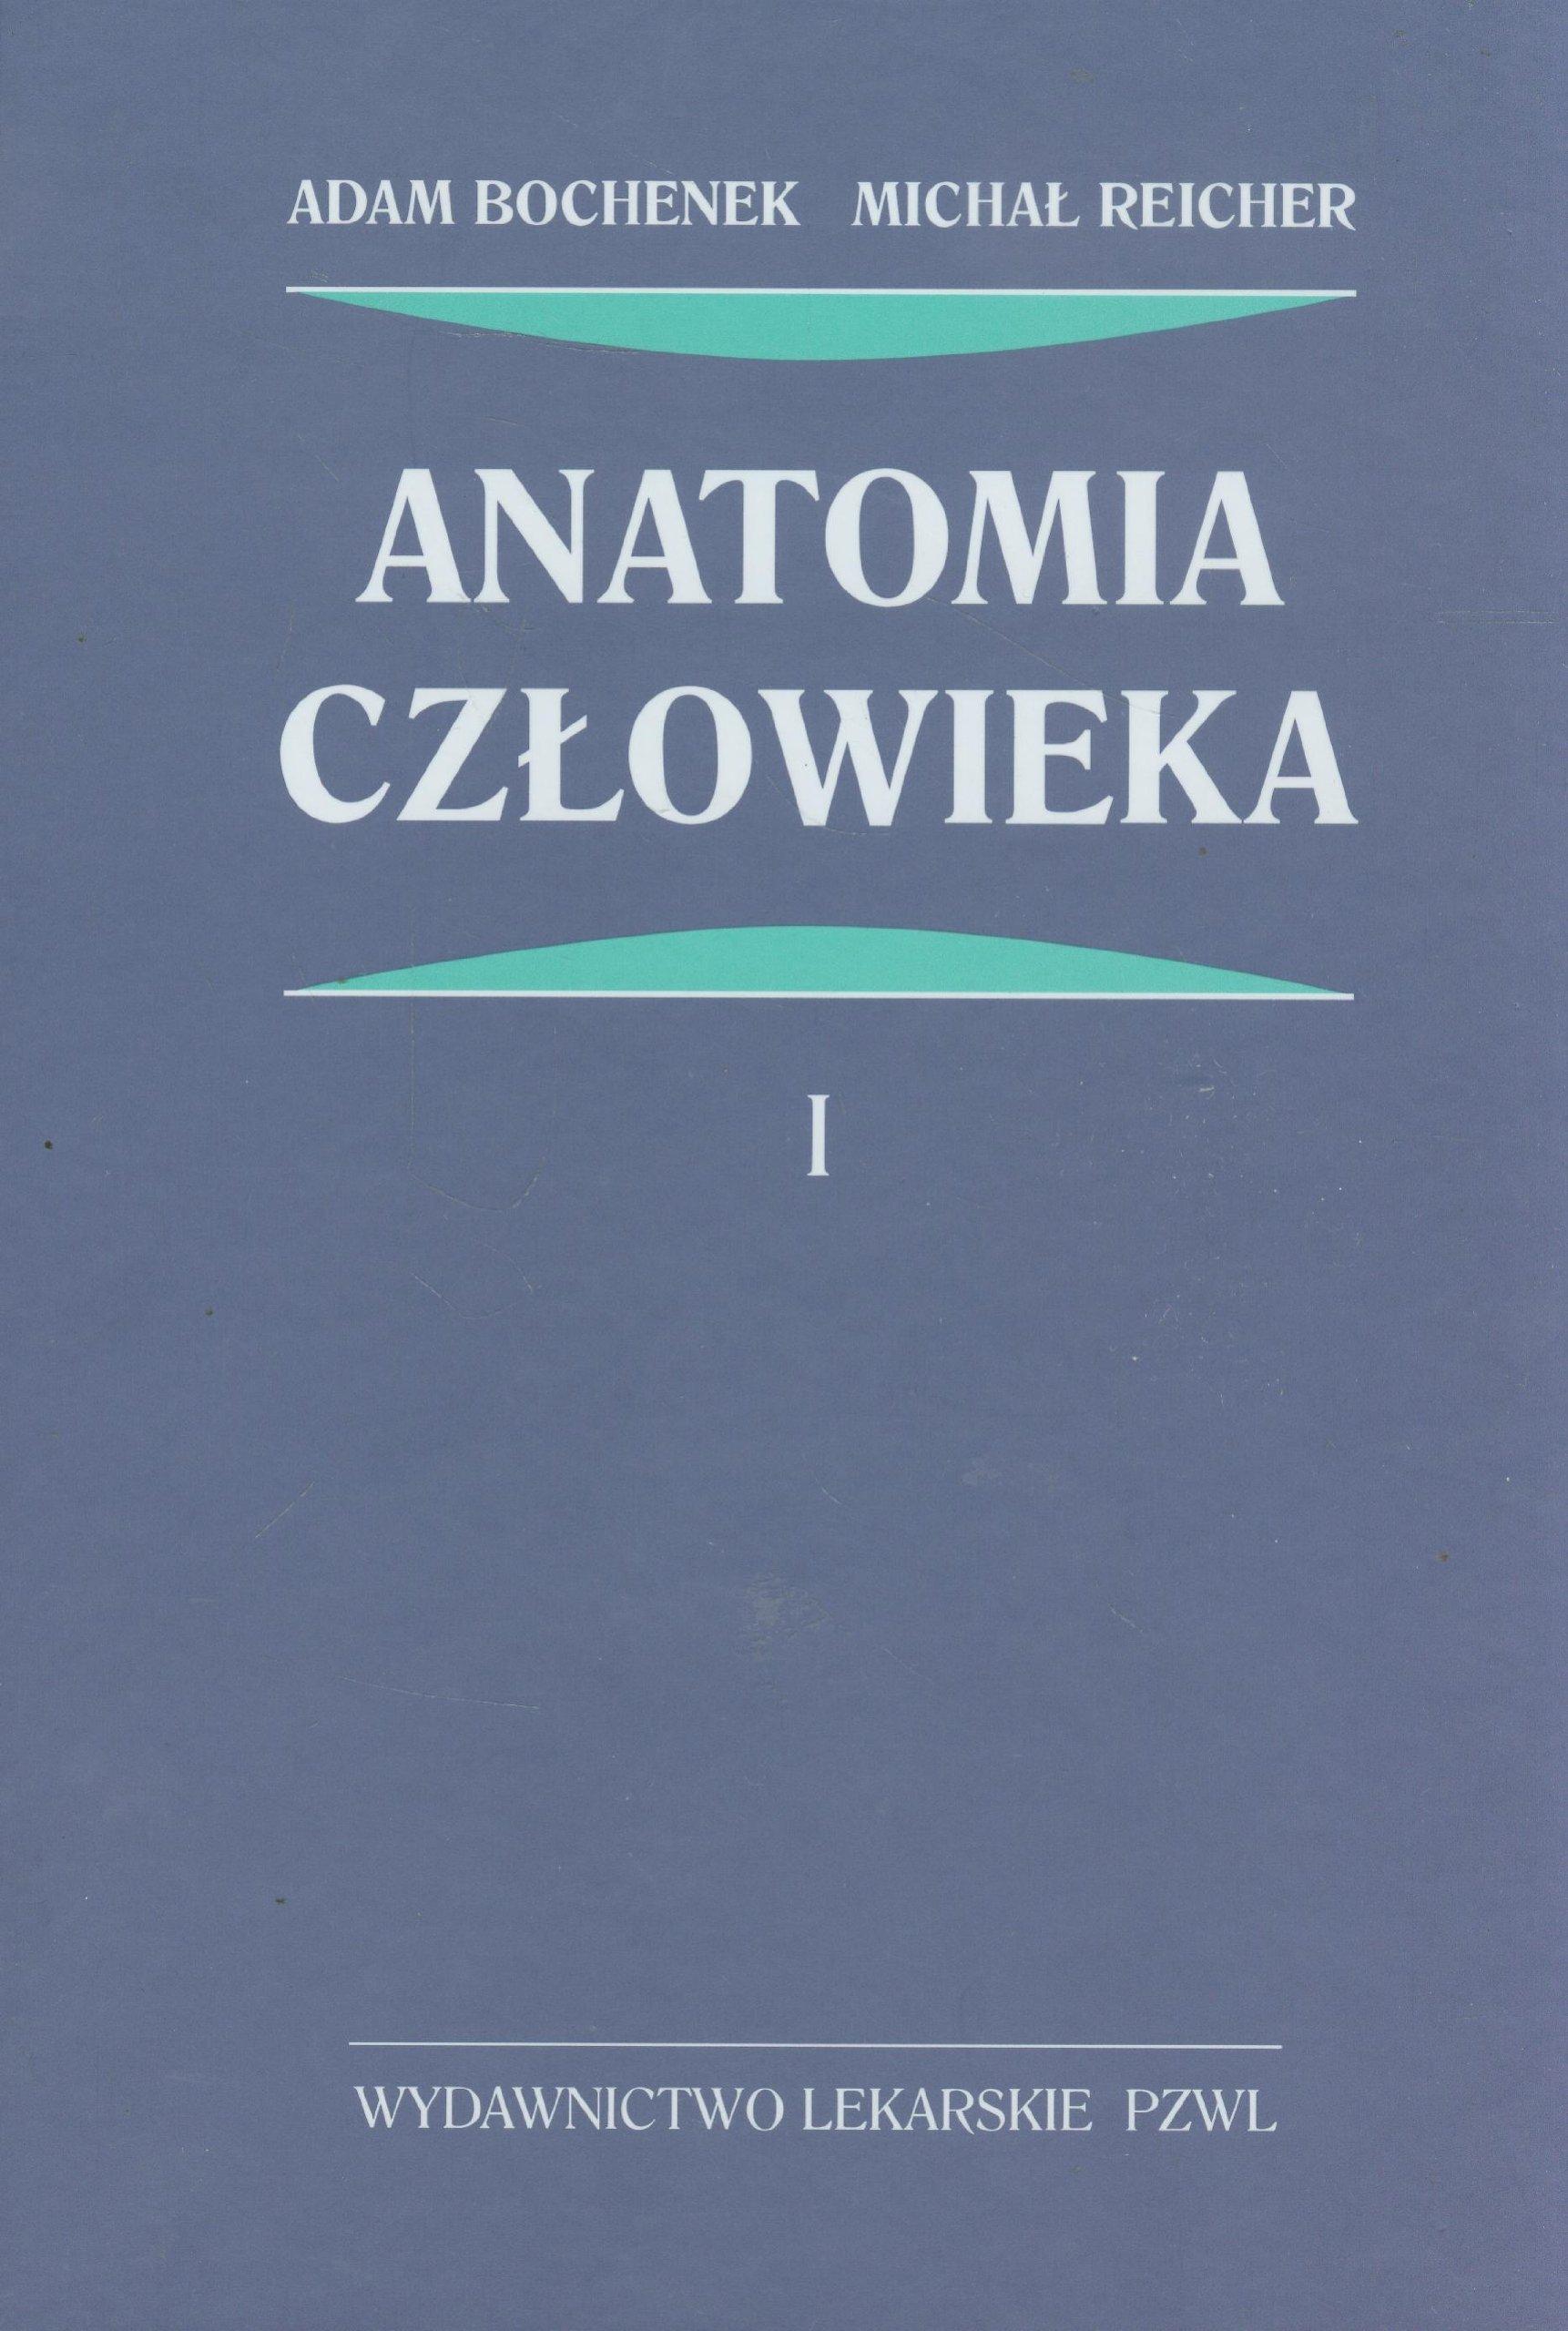 Anatomia czlowieka Tom 1: Amazon.es: Adam Bochenek, Michal Reicher ...